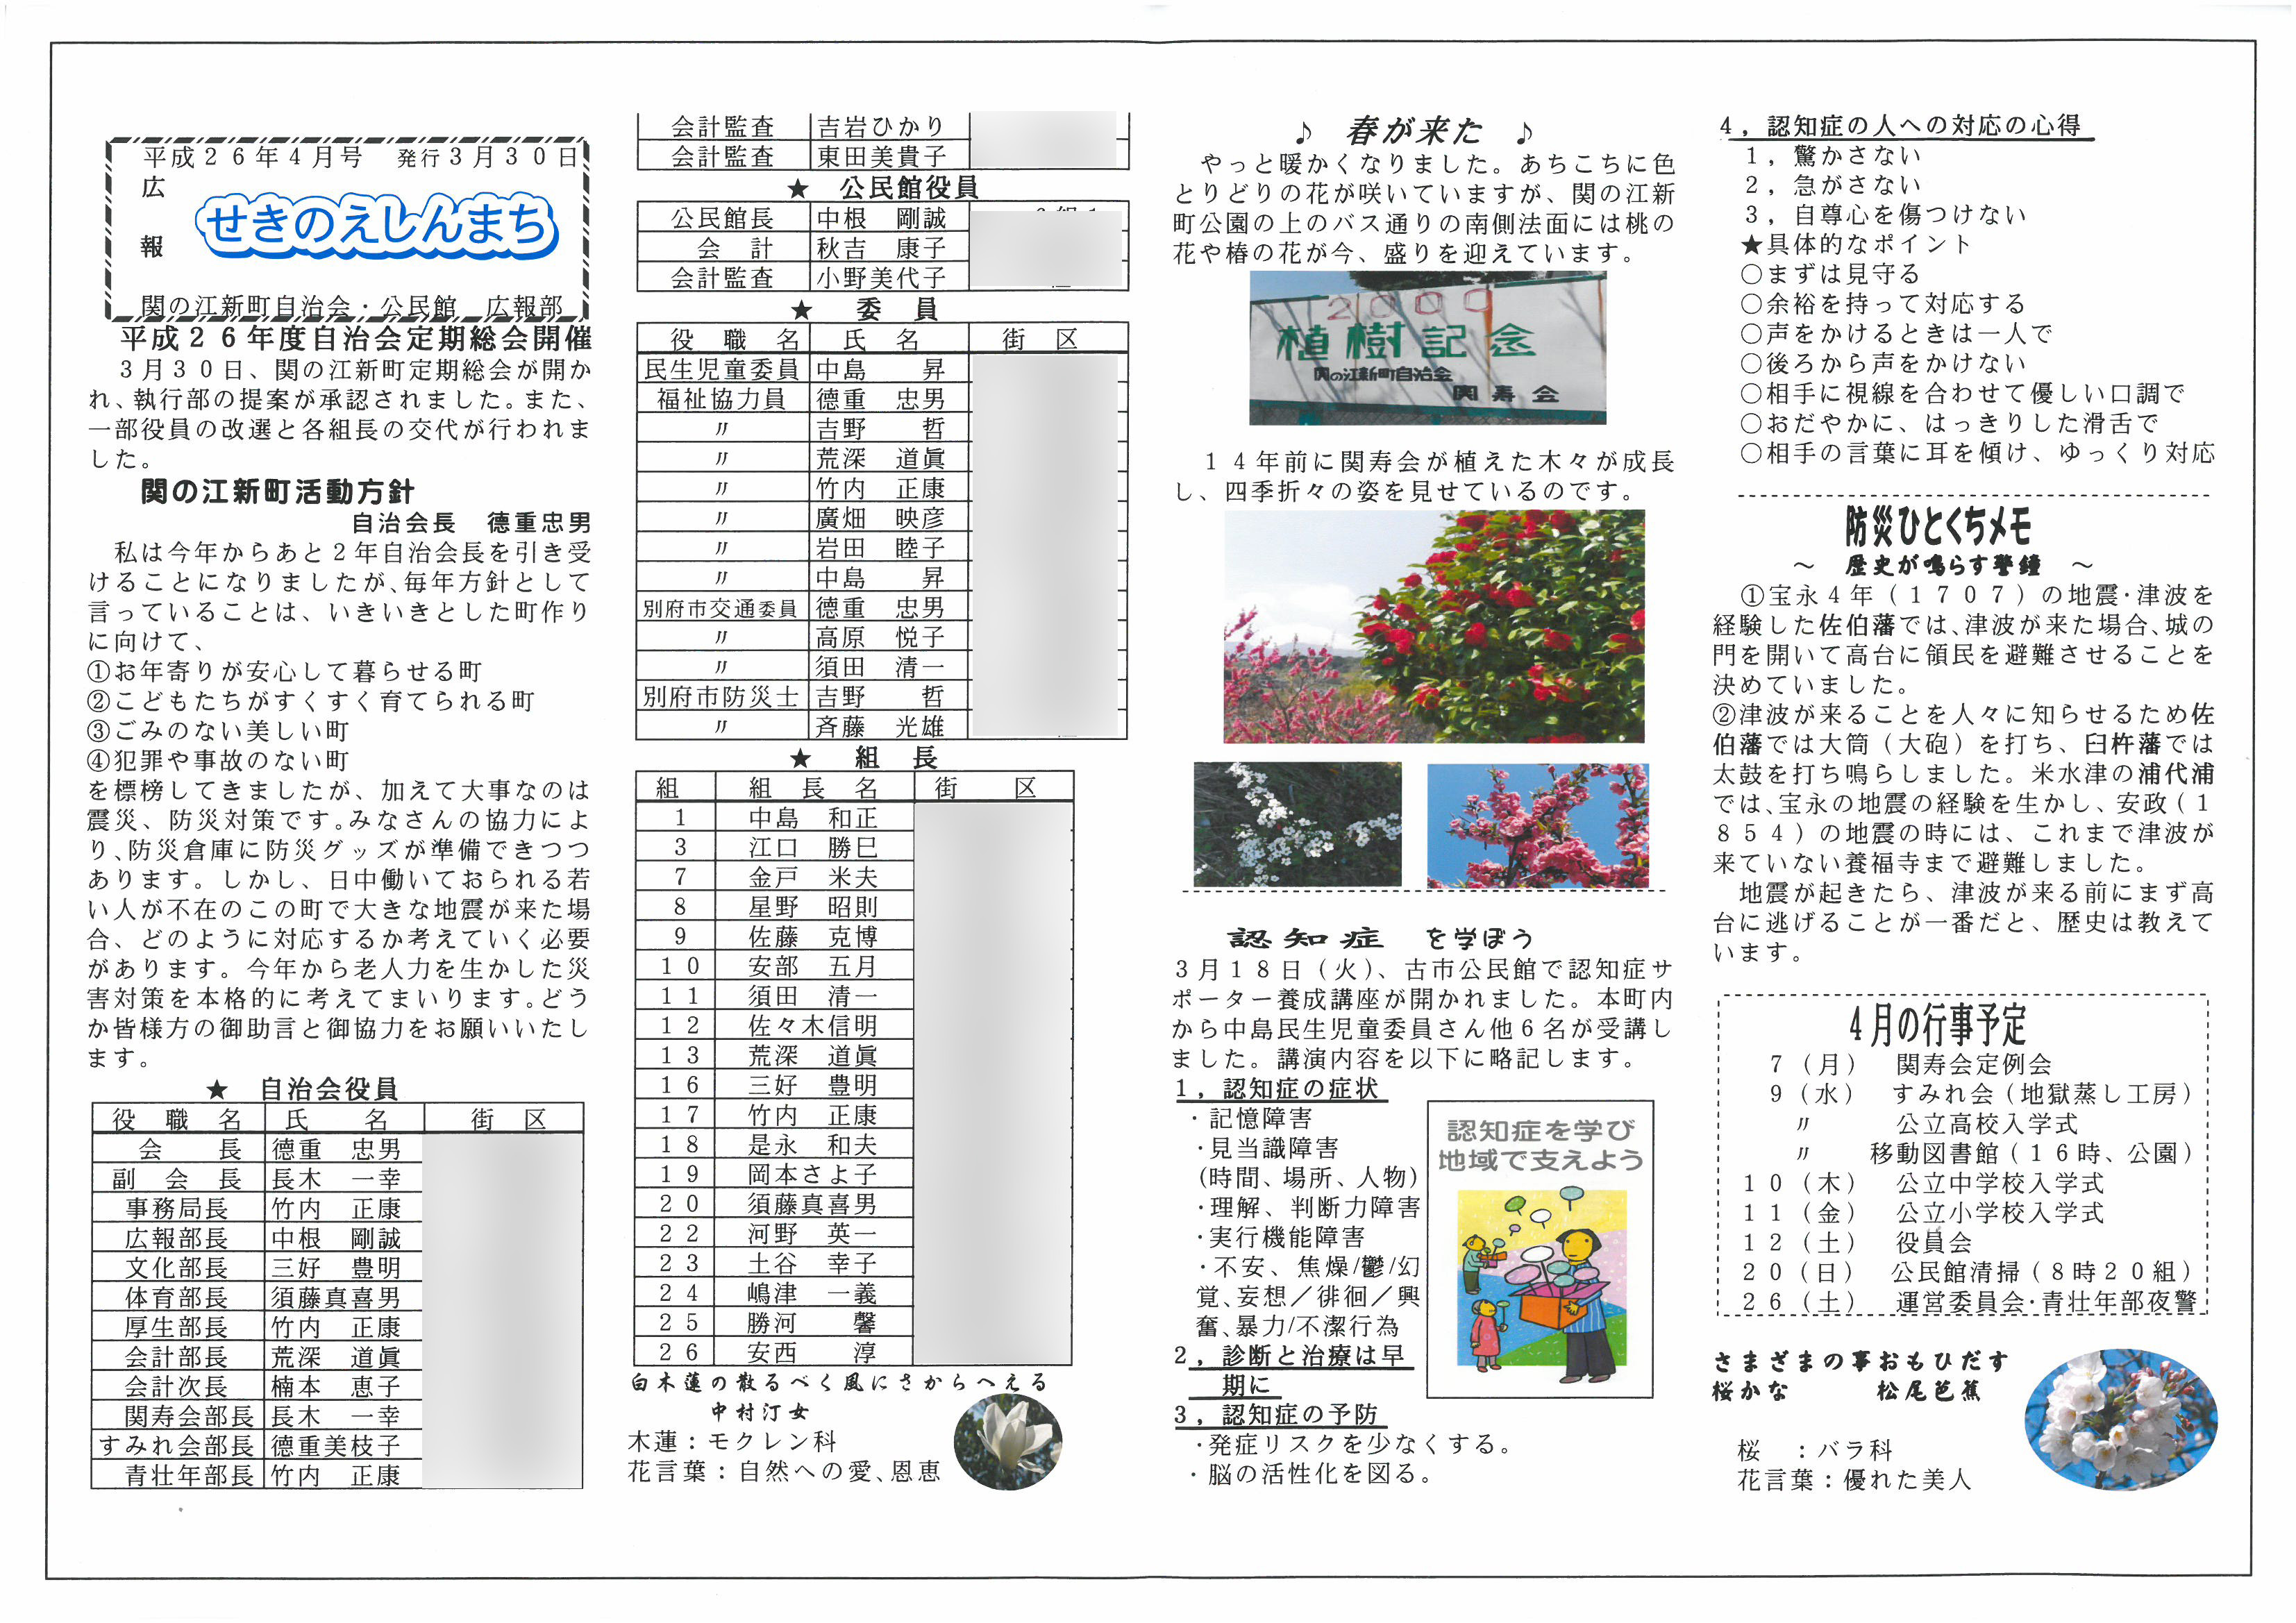 sekinoeshinmachi2014_04